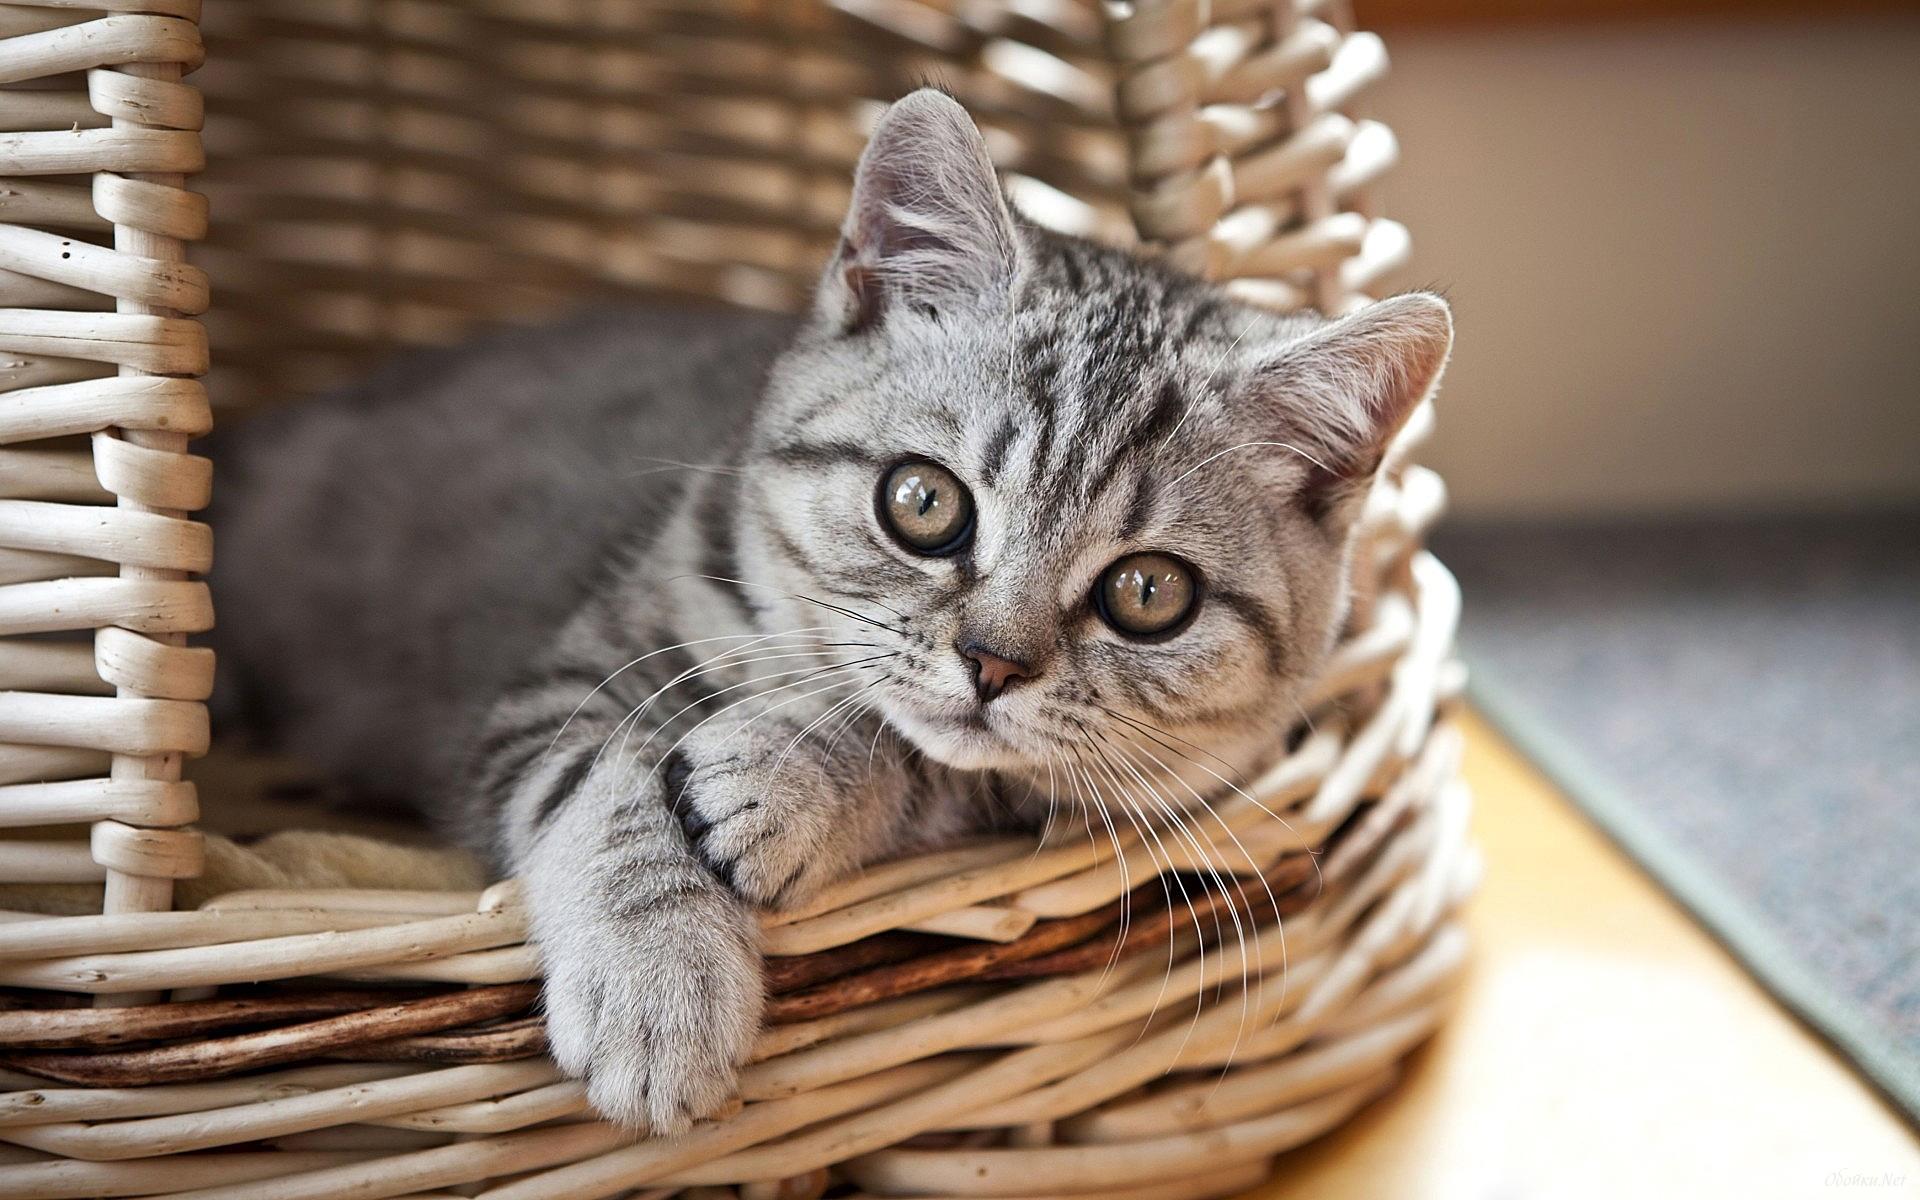 44558 Заставки и Обои Кошки (Коты, Котики) на телефон. Скачать Животные, Кошки (Коты, Котики) картинки бесплатно